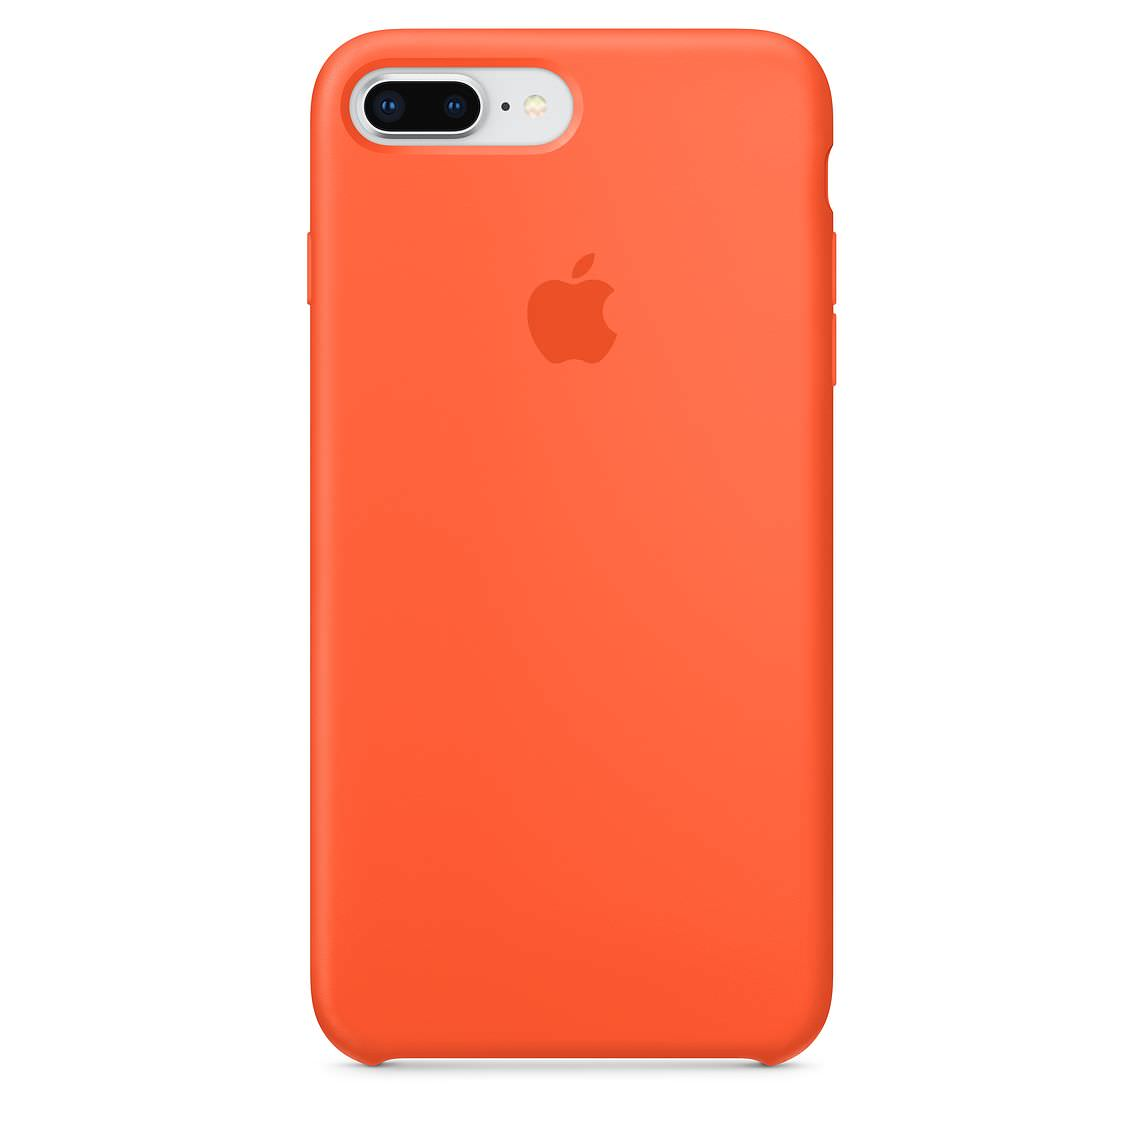 Apple silikónový obal pre iPhone 7 Plus / 8 Plus – oranžový 1